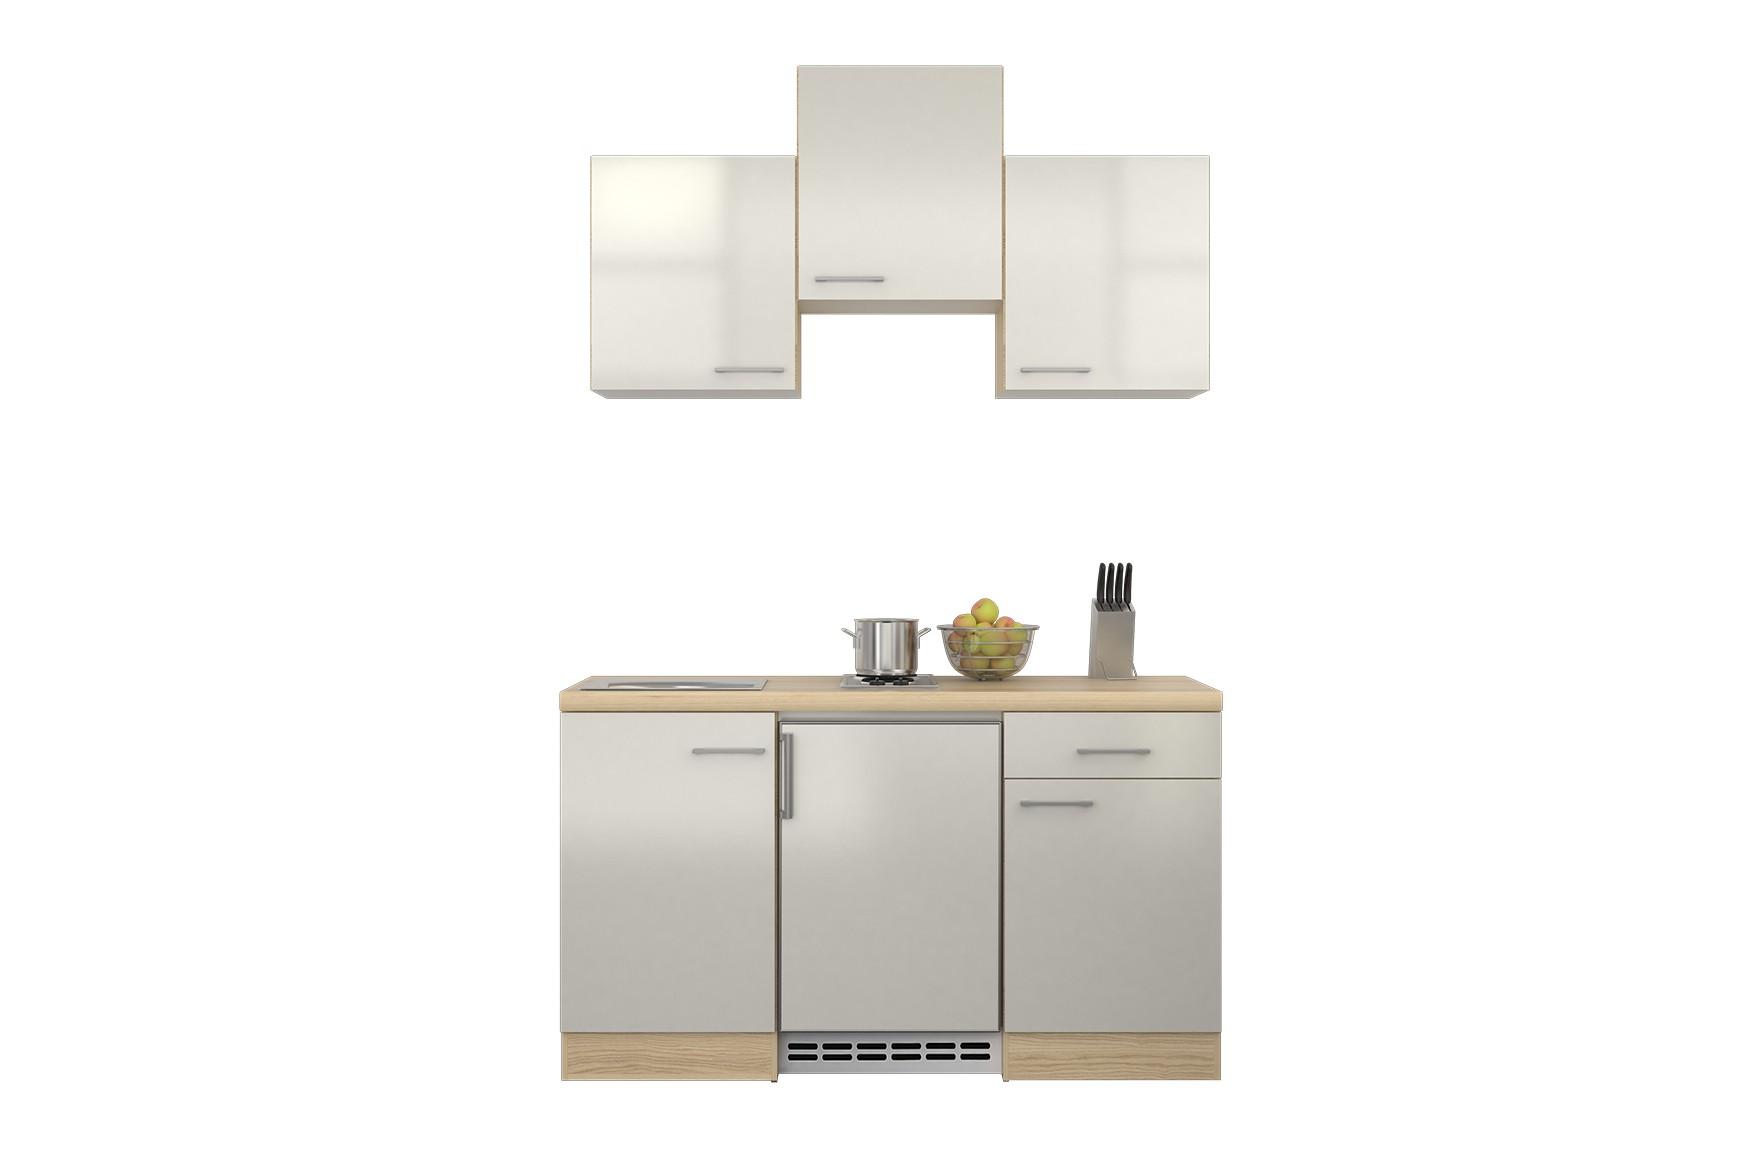 Miniküche Mit Kühlschrank Ohne Kochfeld : Miniküche mit ceranfeld und kühlschrank edelstahl miniküche